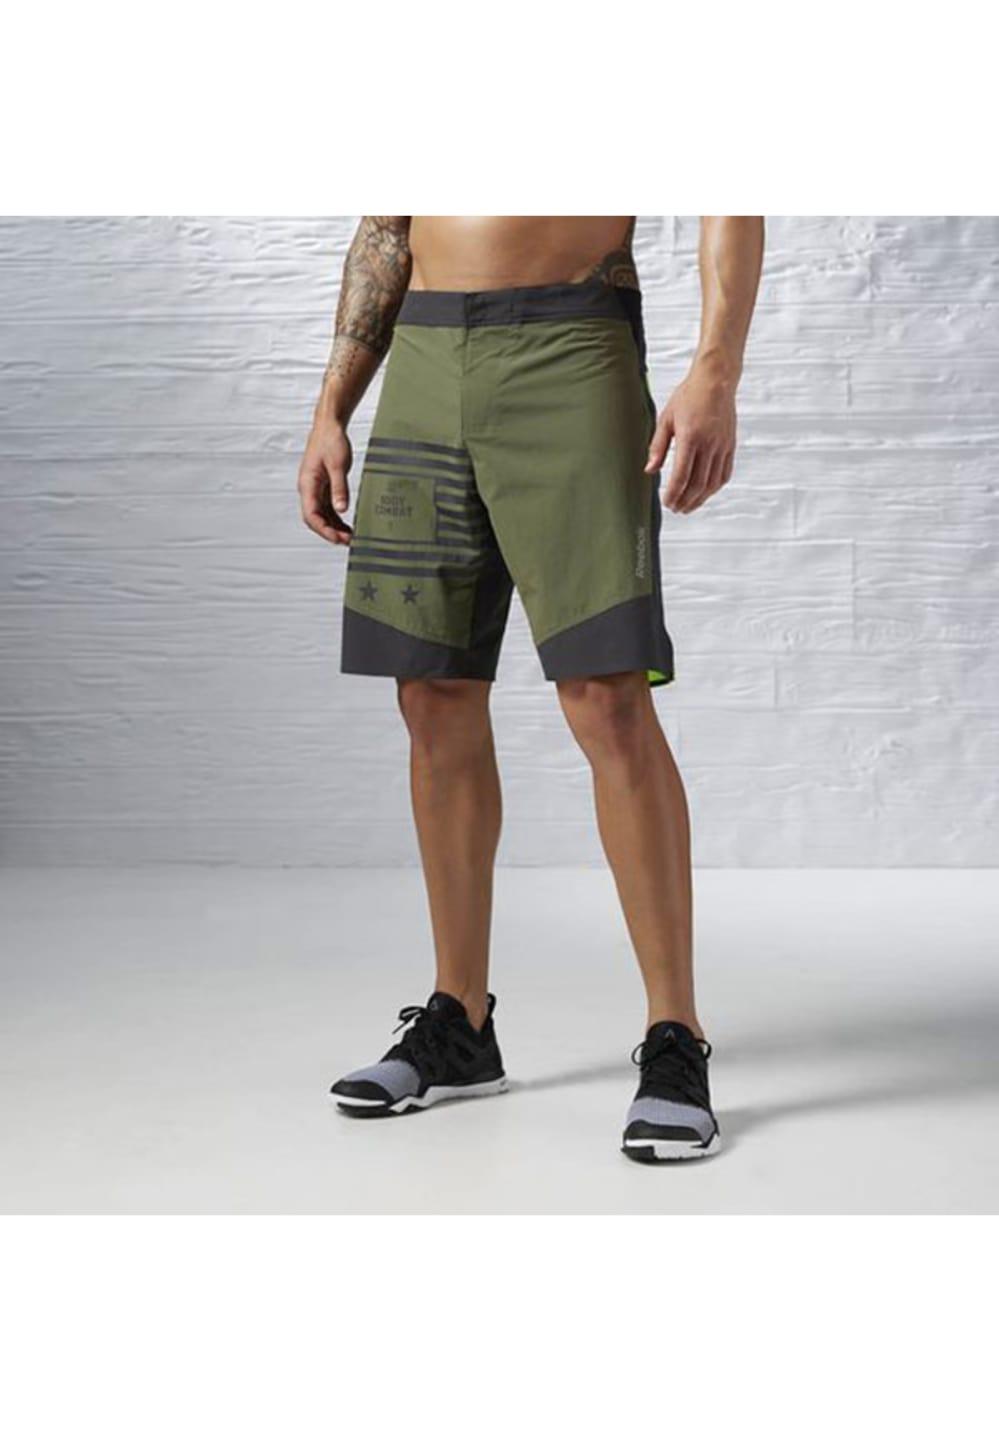 Reebok Les Mills Bodycombat Short - Laufhosen für Herren - Grün, Gr. XL